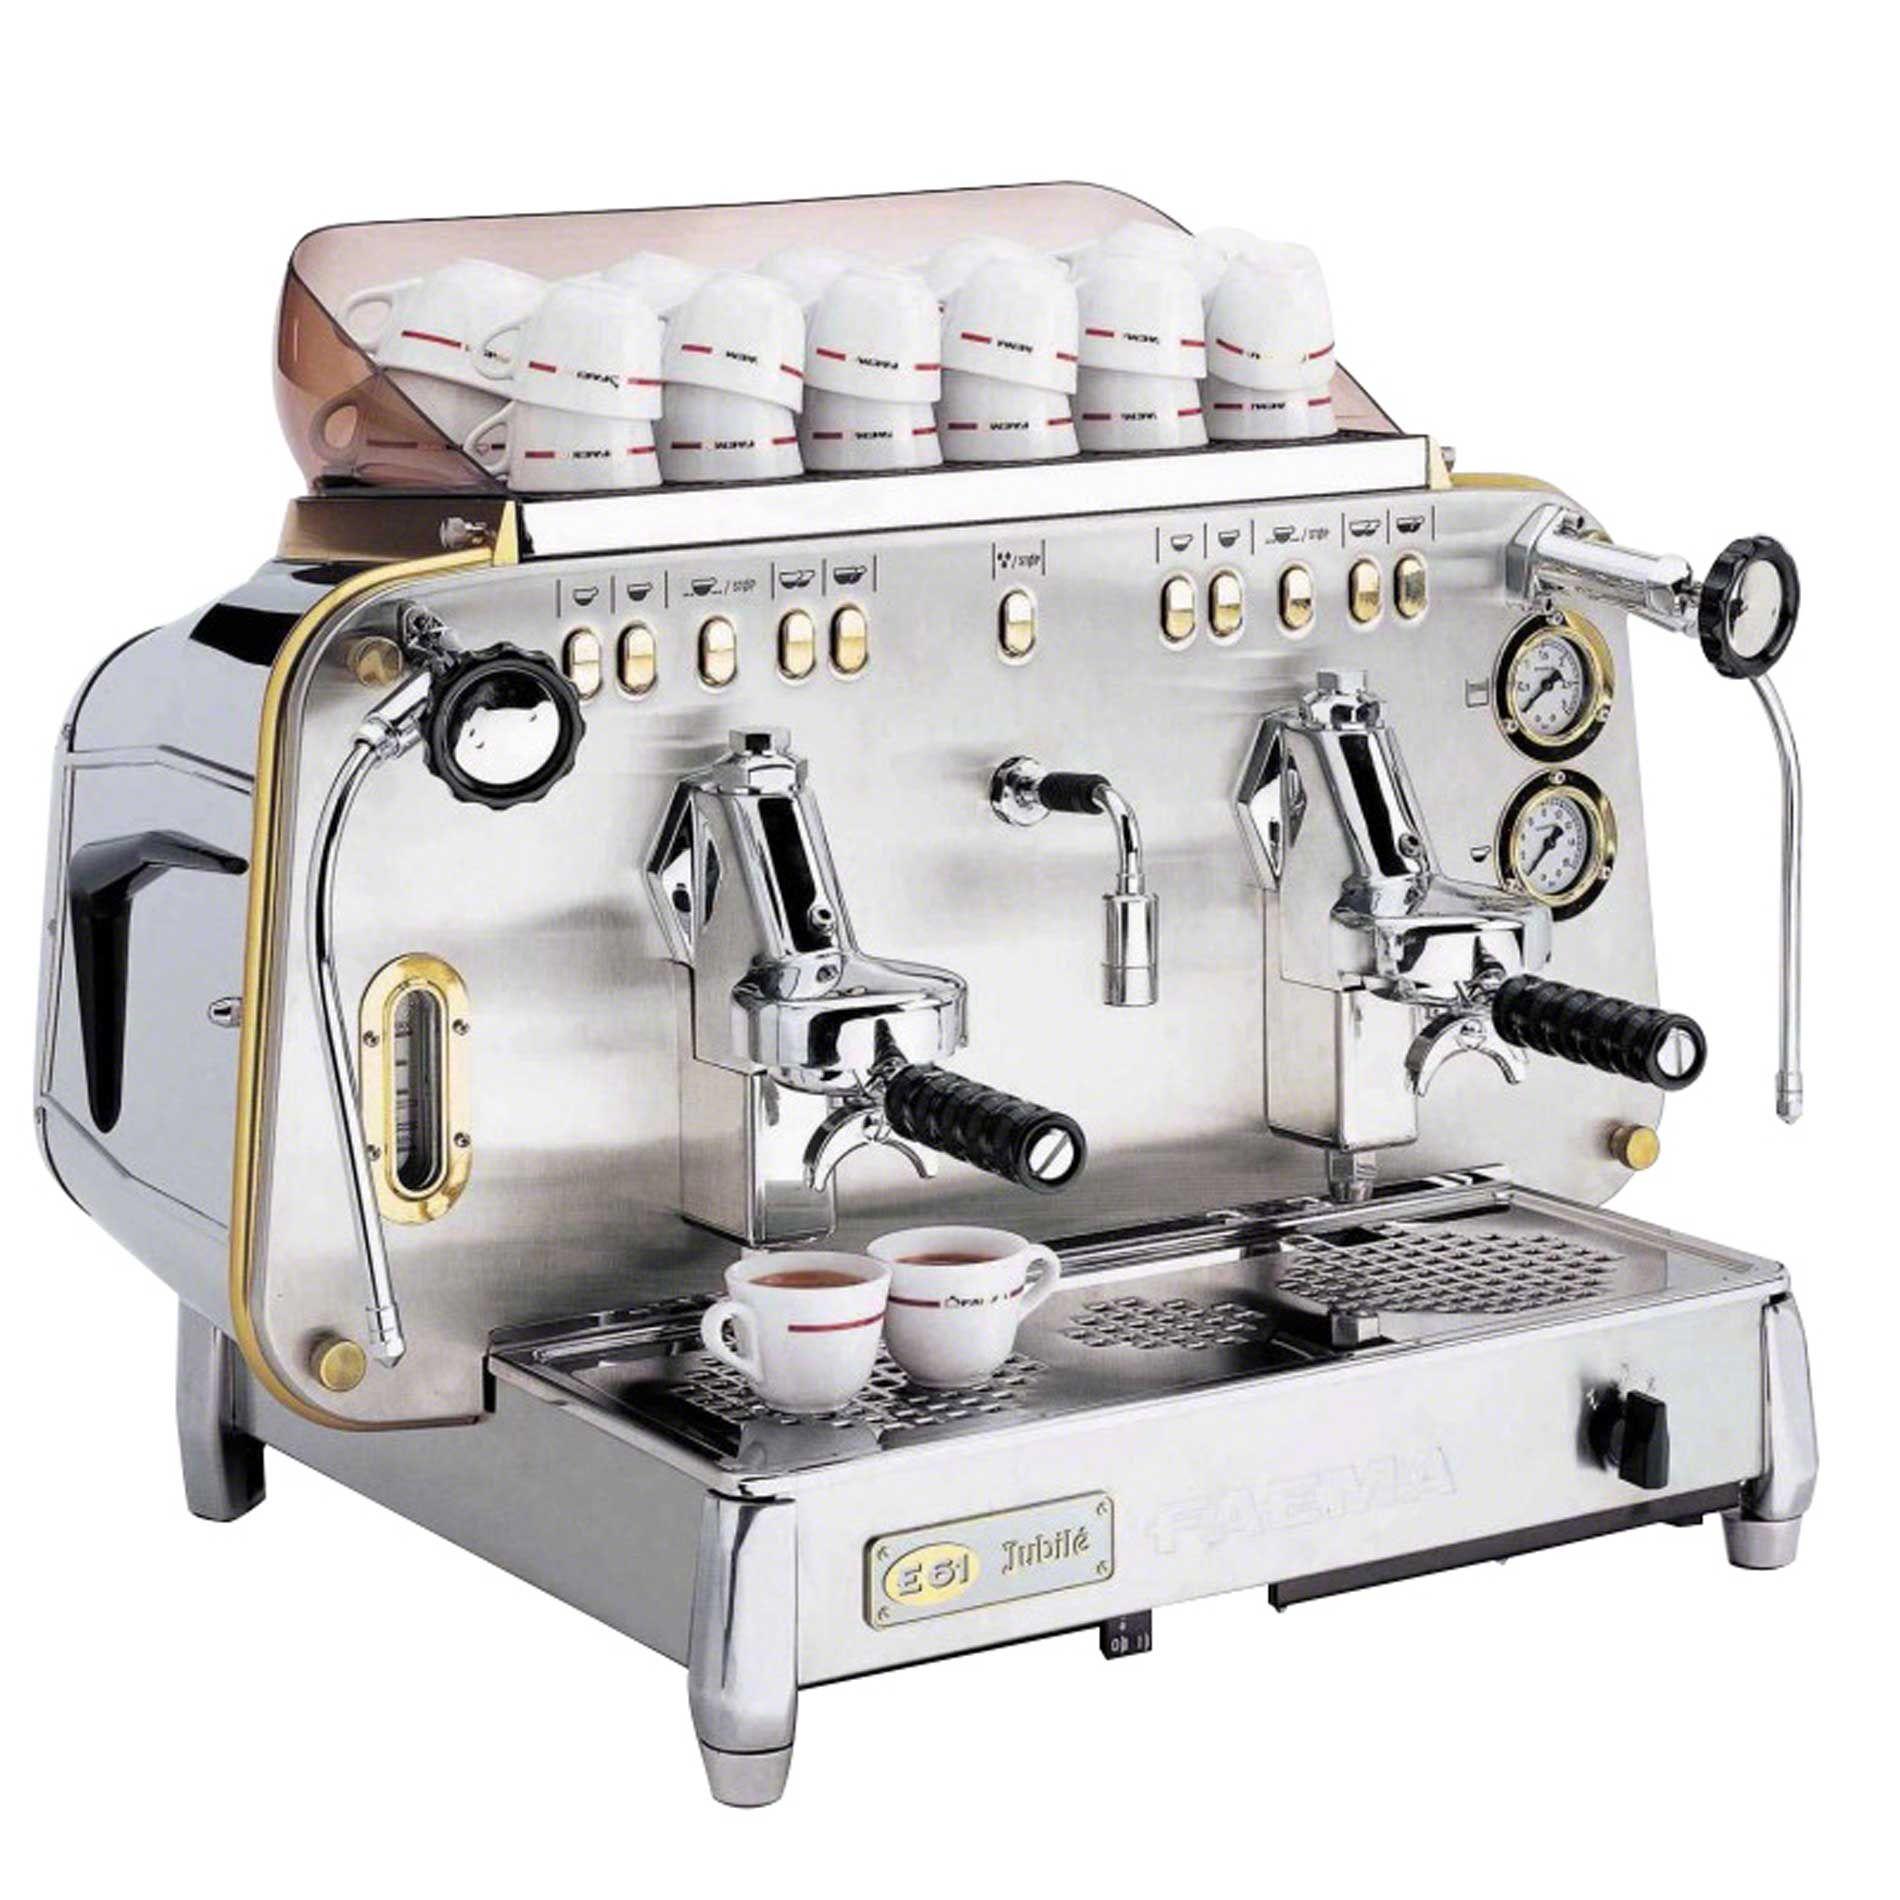 Mr. espresso Faema e61 Jubilee Home Espresso Machine, Faema Espresso Machine,  Cappuccino Machine